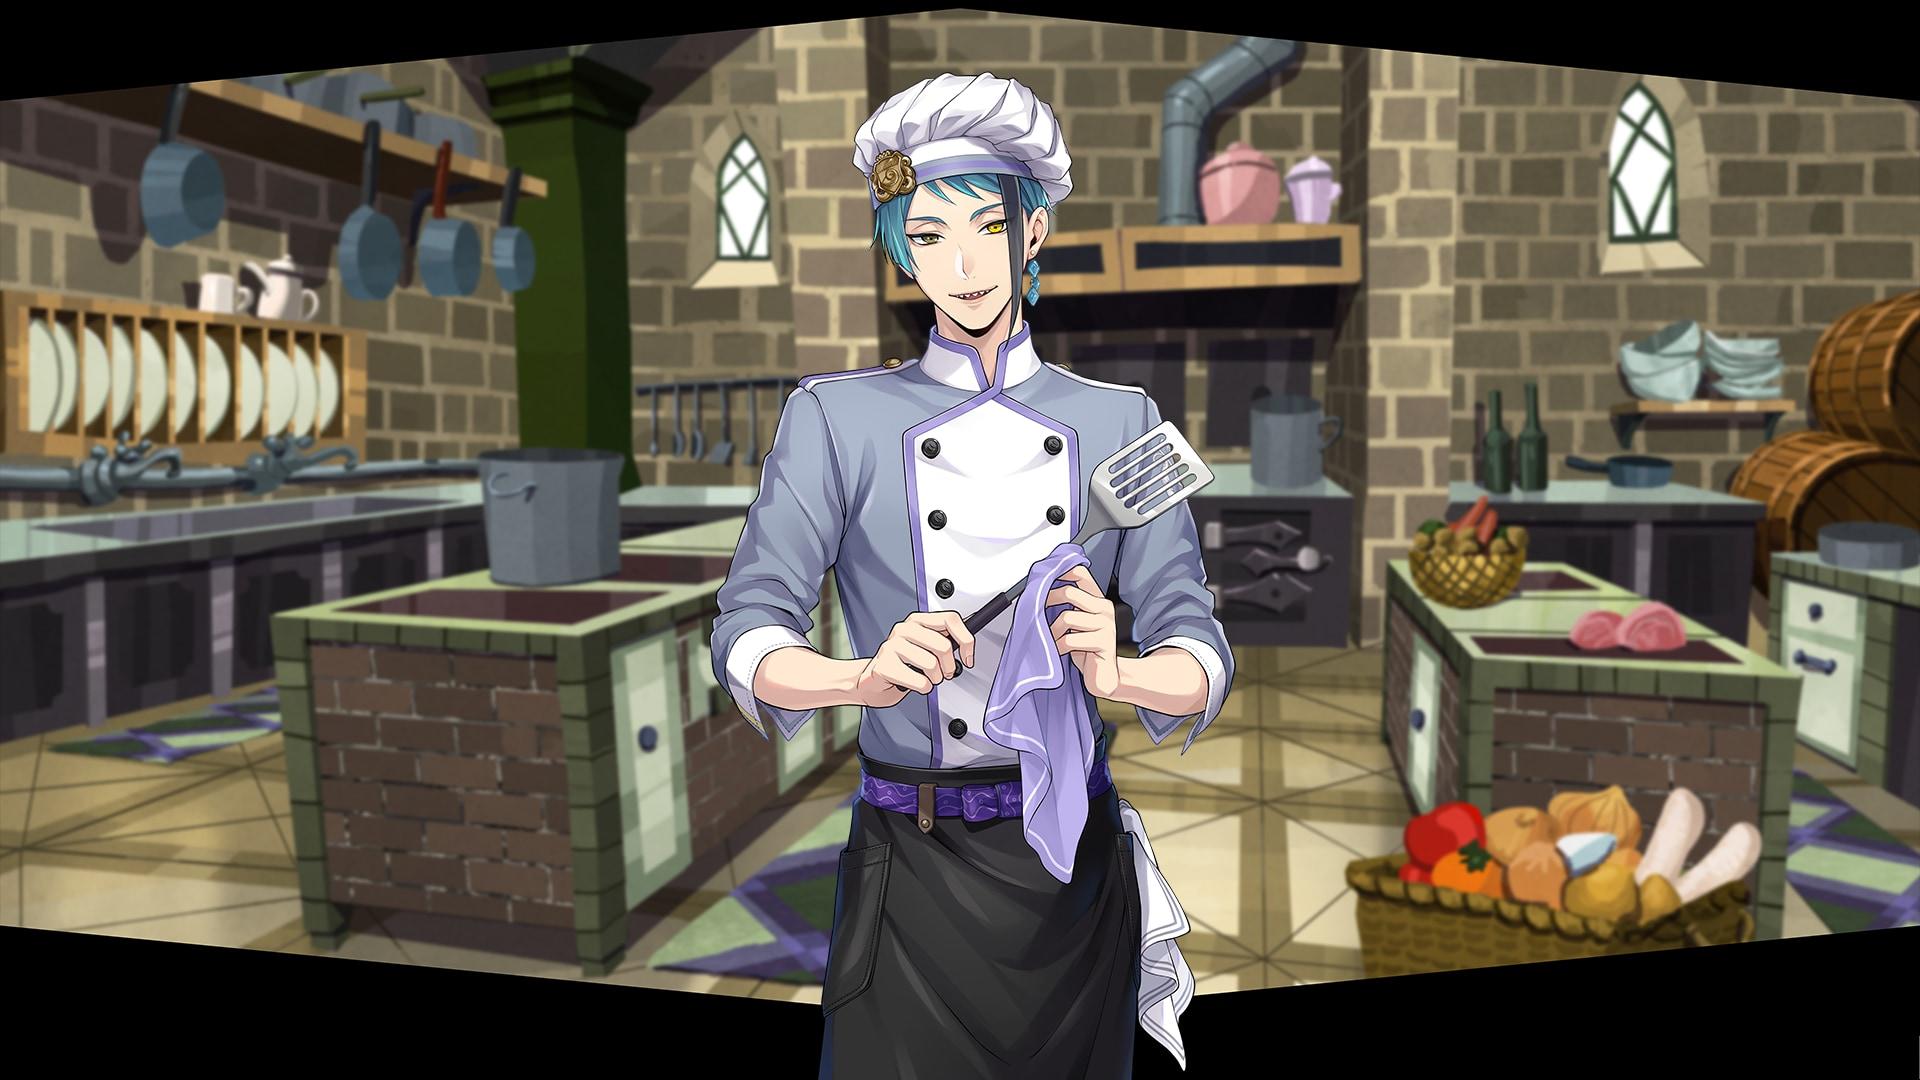 リリア先輩が料理だと…!?「ツイステ NRCマスターシェフ」SRはジェイド&リリア